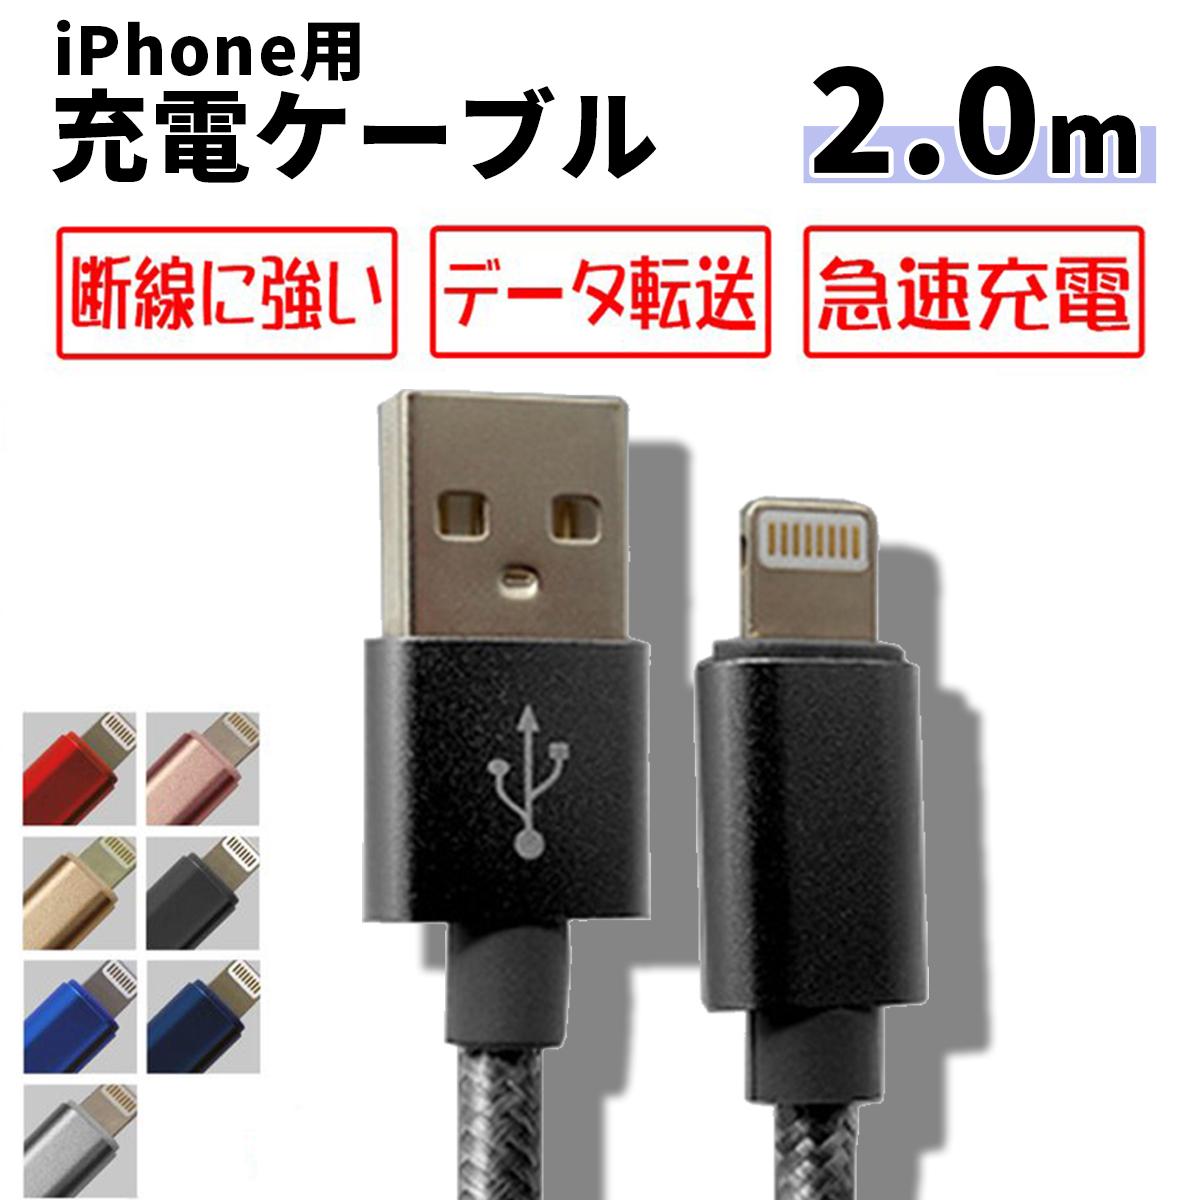 iPhone用 充電ケーブル 2.0m ライトニングケーブル 急速充電 データ転送 iPhone iPad iPod AirPods Apple 断線しづらい 頑丈 ナイロン素材